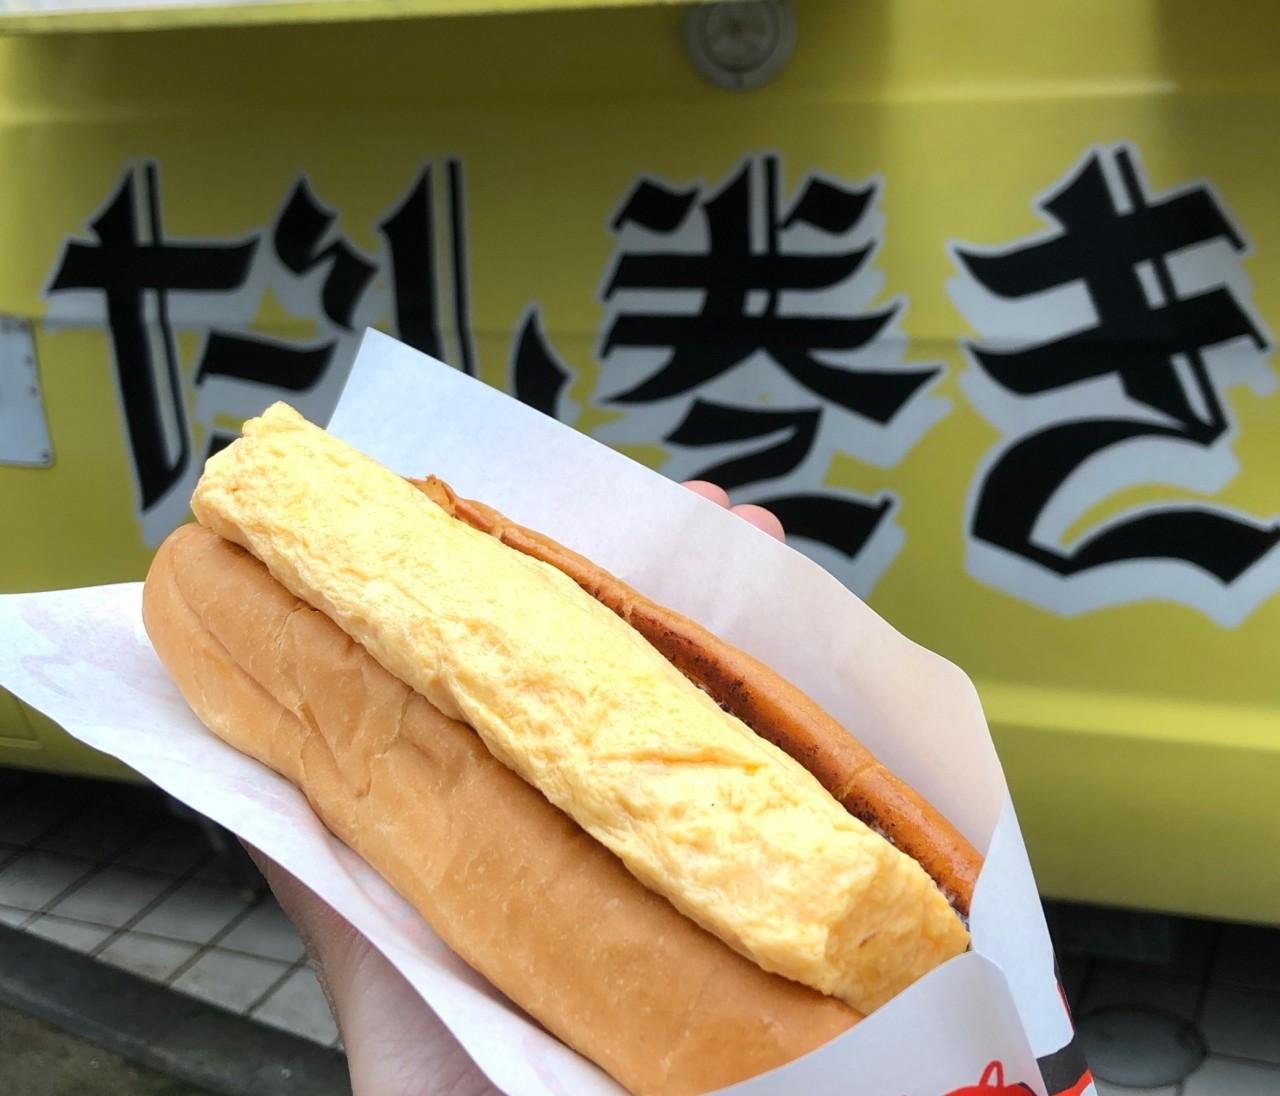 ふわっふわ&ブ厚い♡新感覚タマゴサンド『だし巻きドッグ』が衝撃的な美味しさ!!【エディターのおうち私物#90】